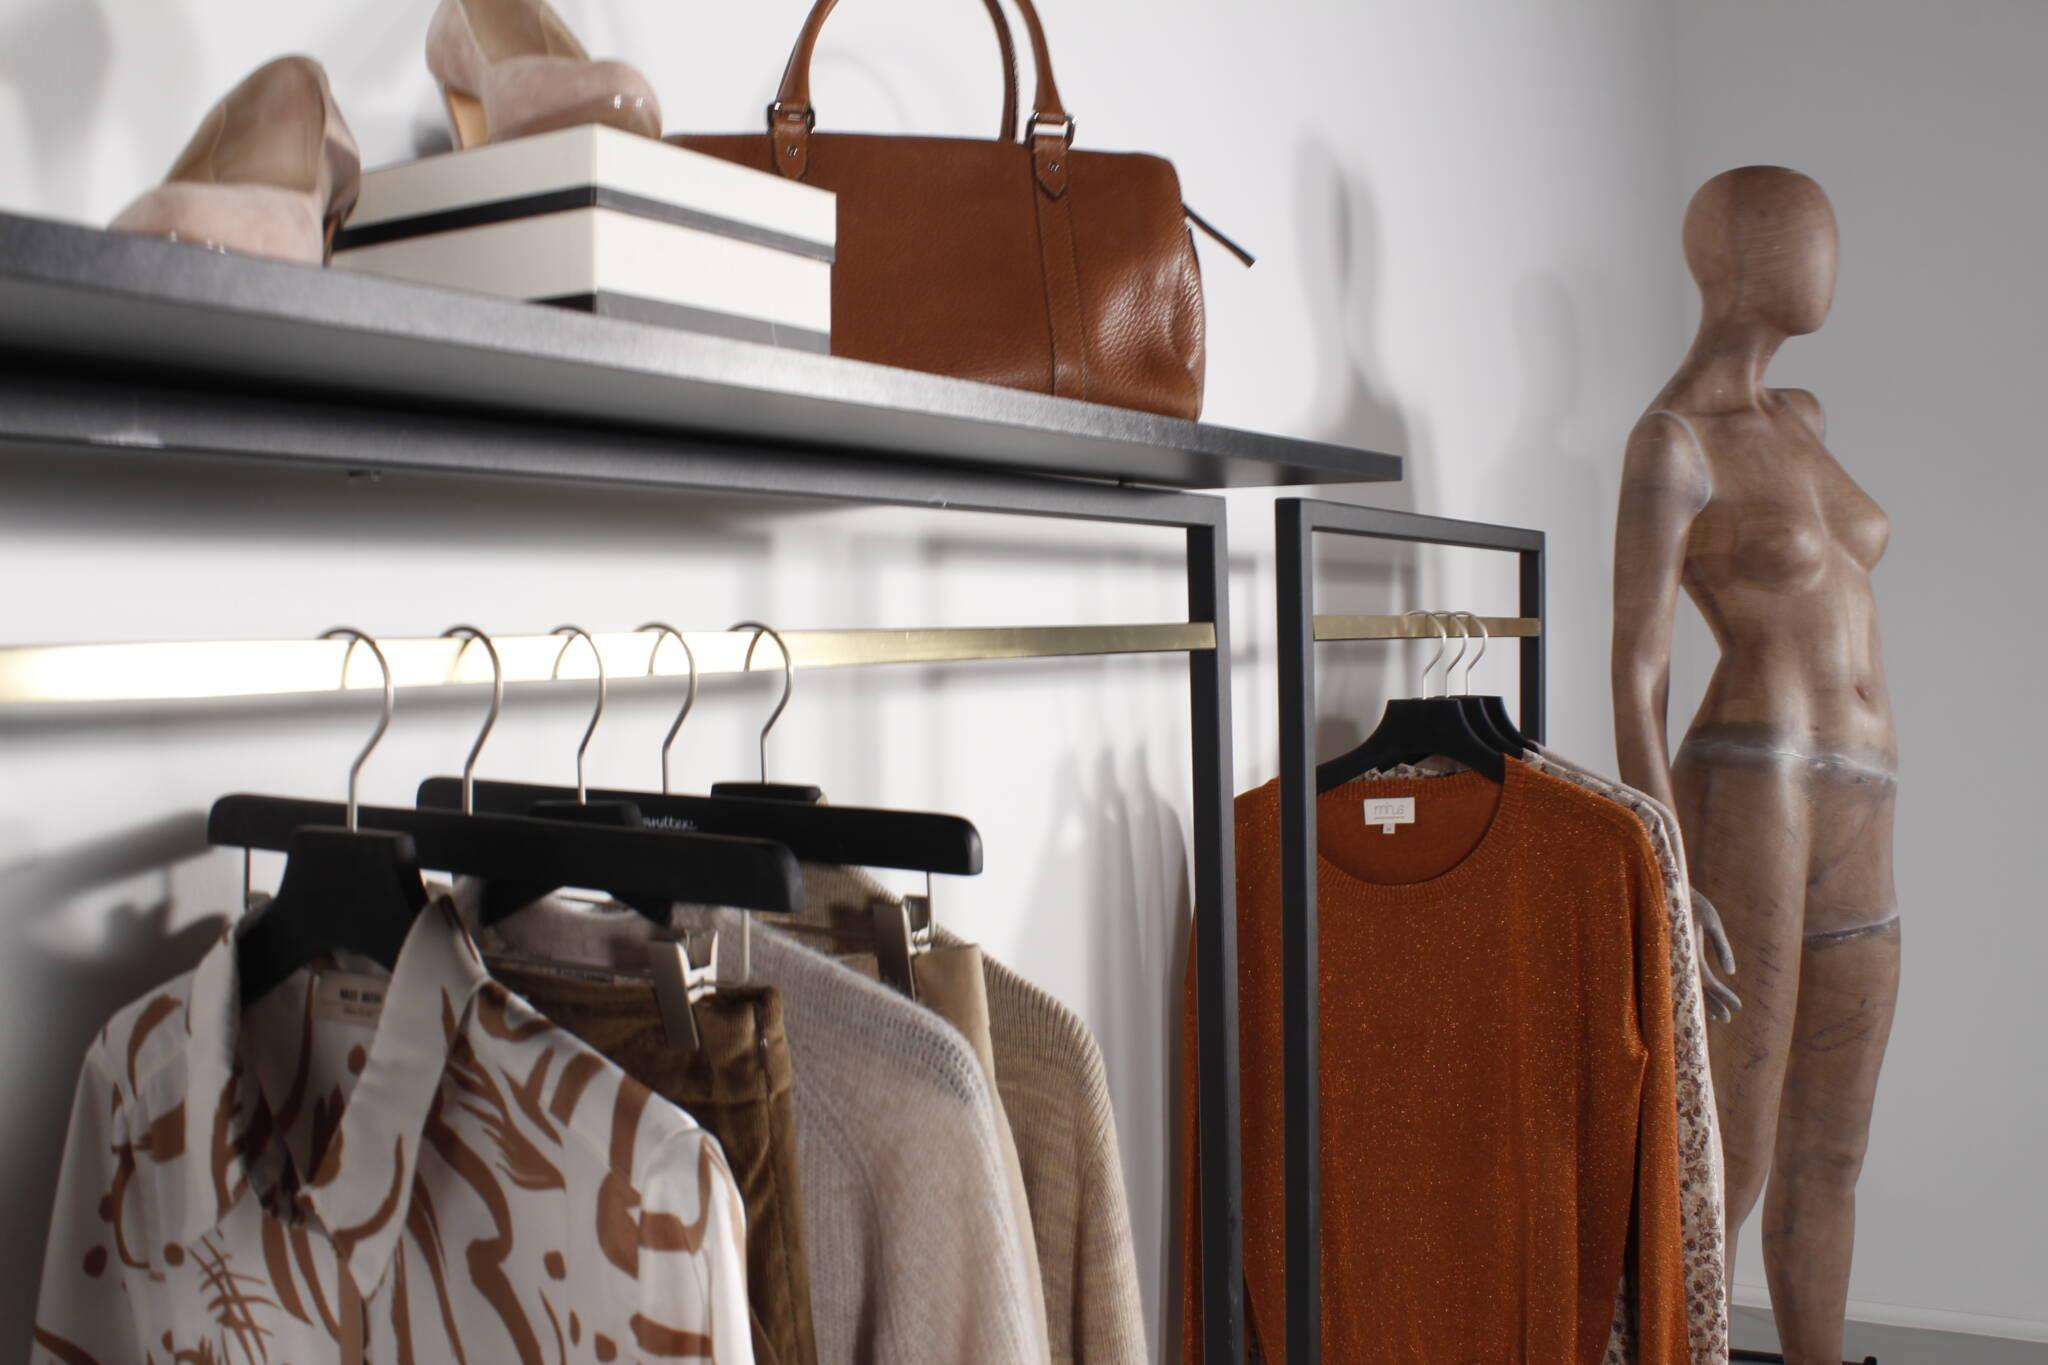 Flotte tøjstativer vist med bæredygtig mannequin